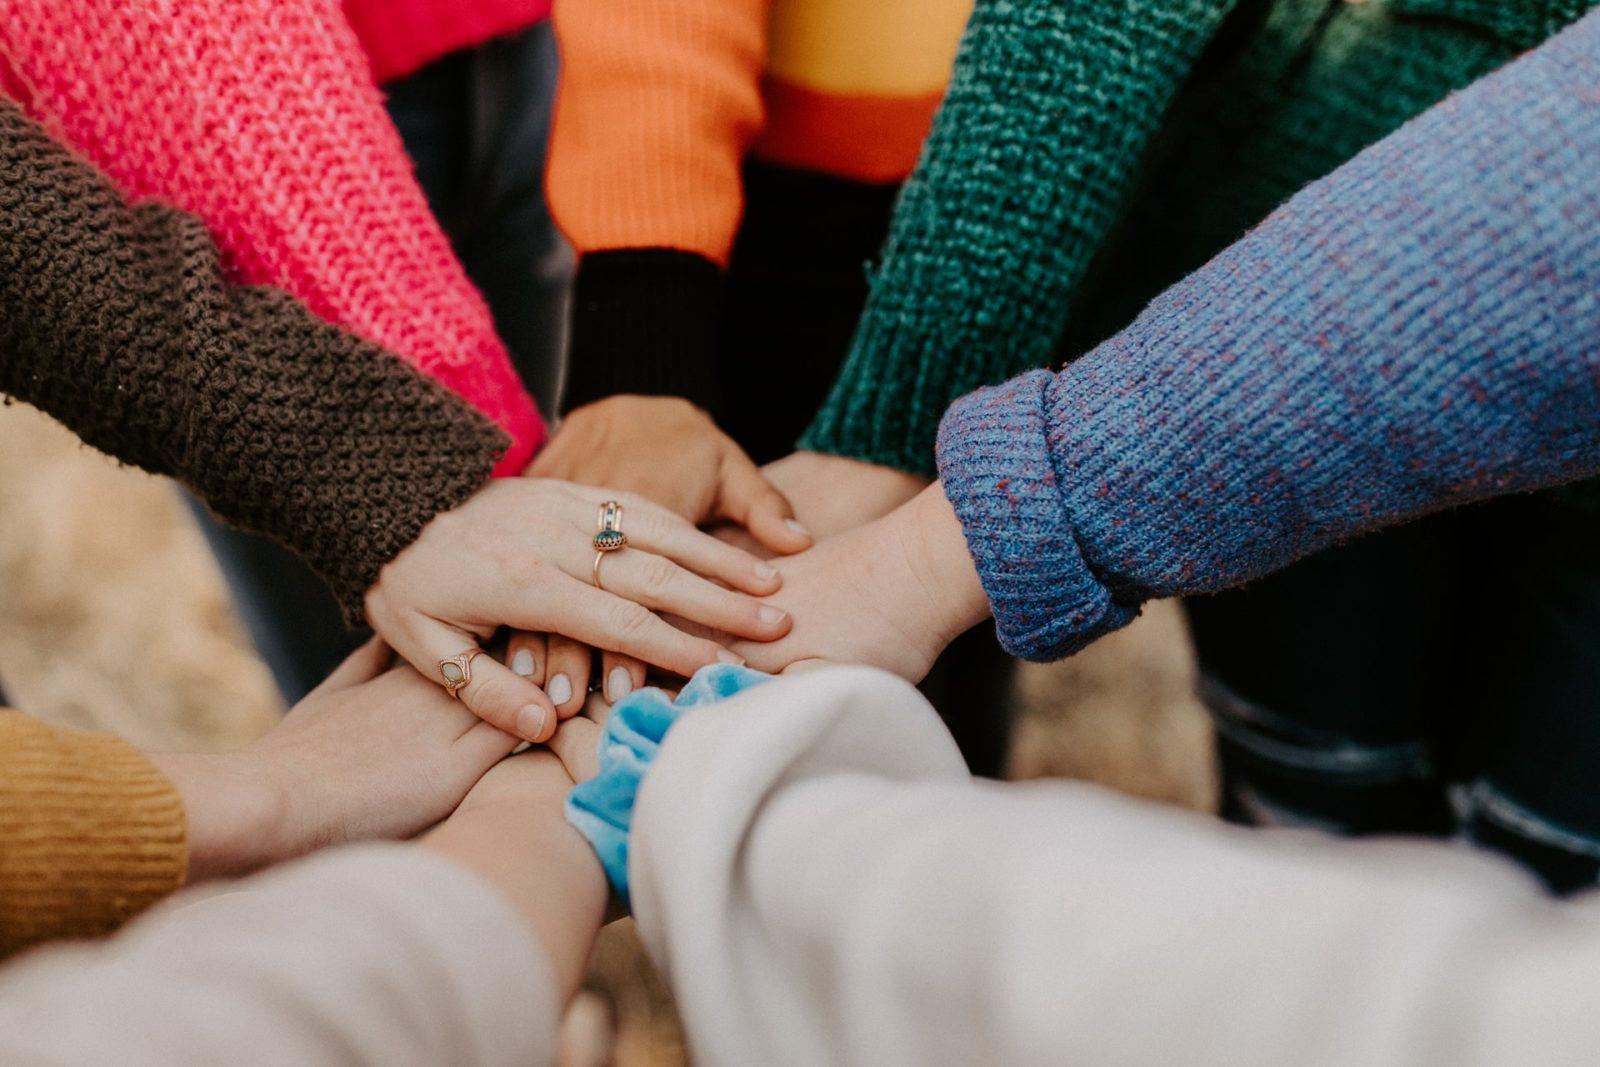 givingtuesday 2021 date: teamwork